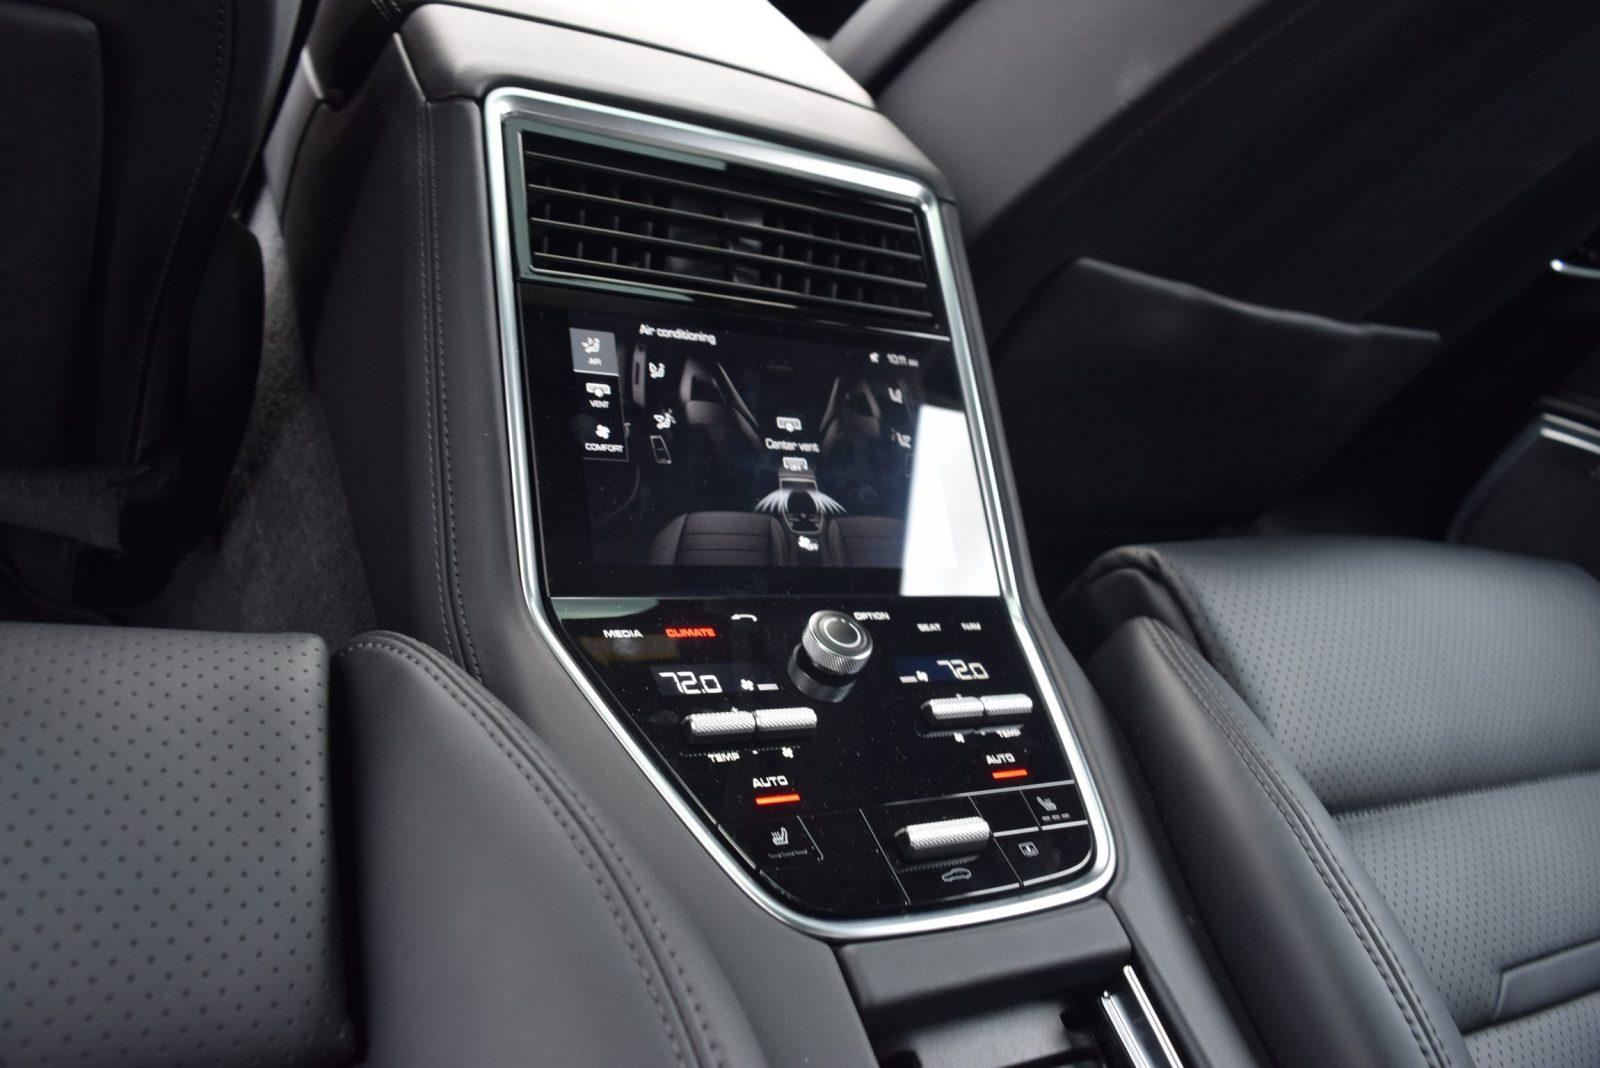 2017 Porsche Panamera TURBO Interior 11